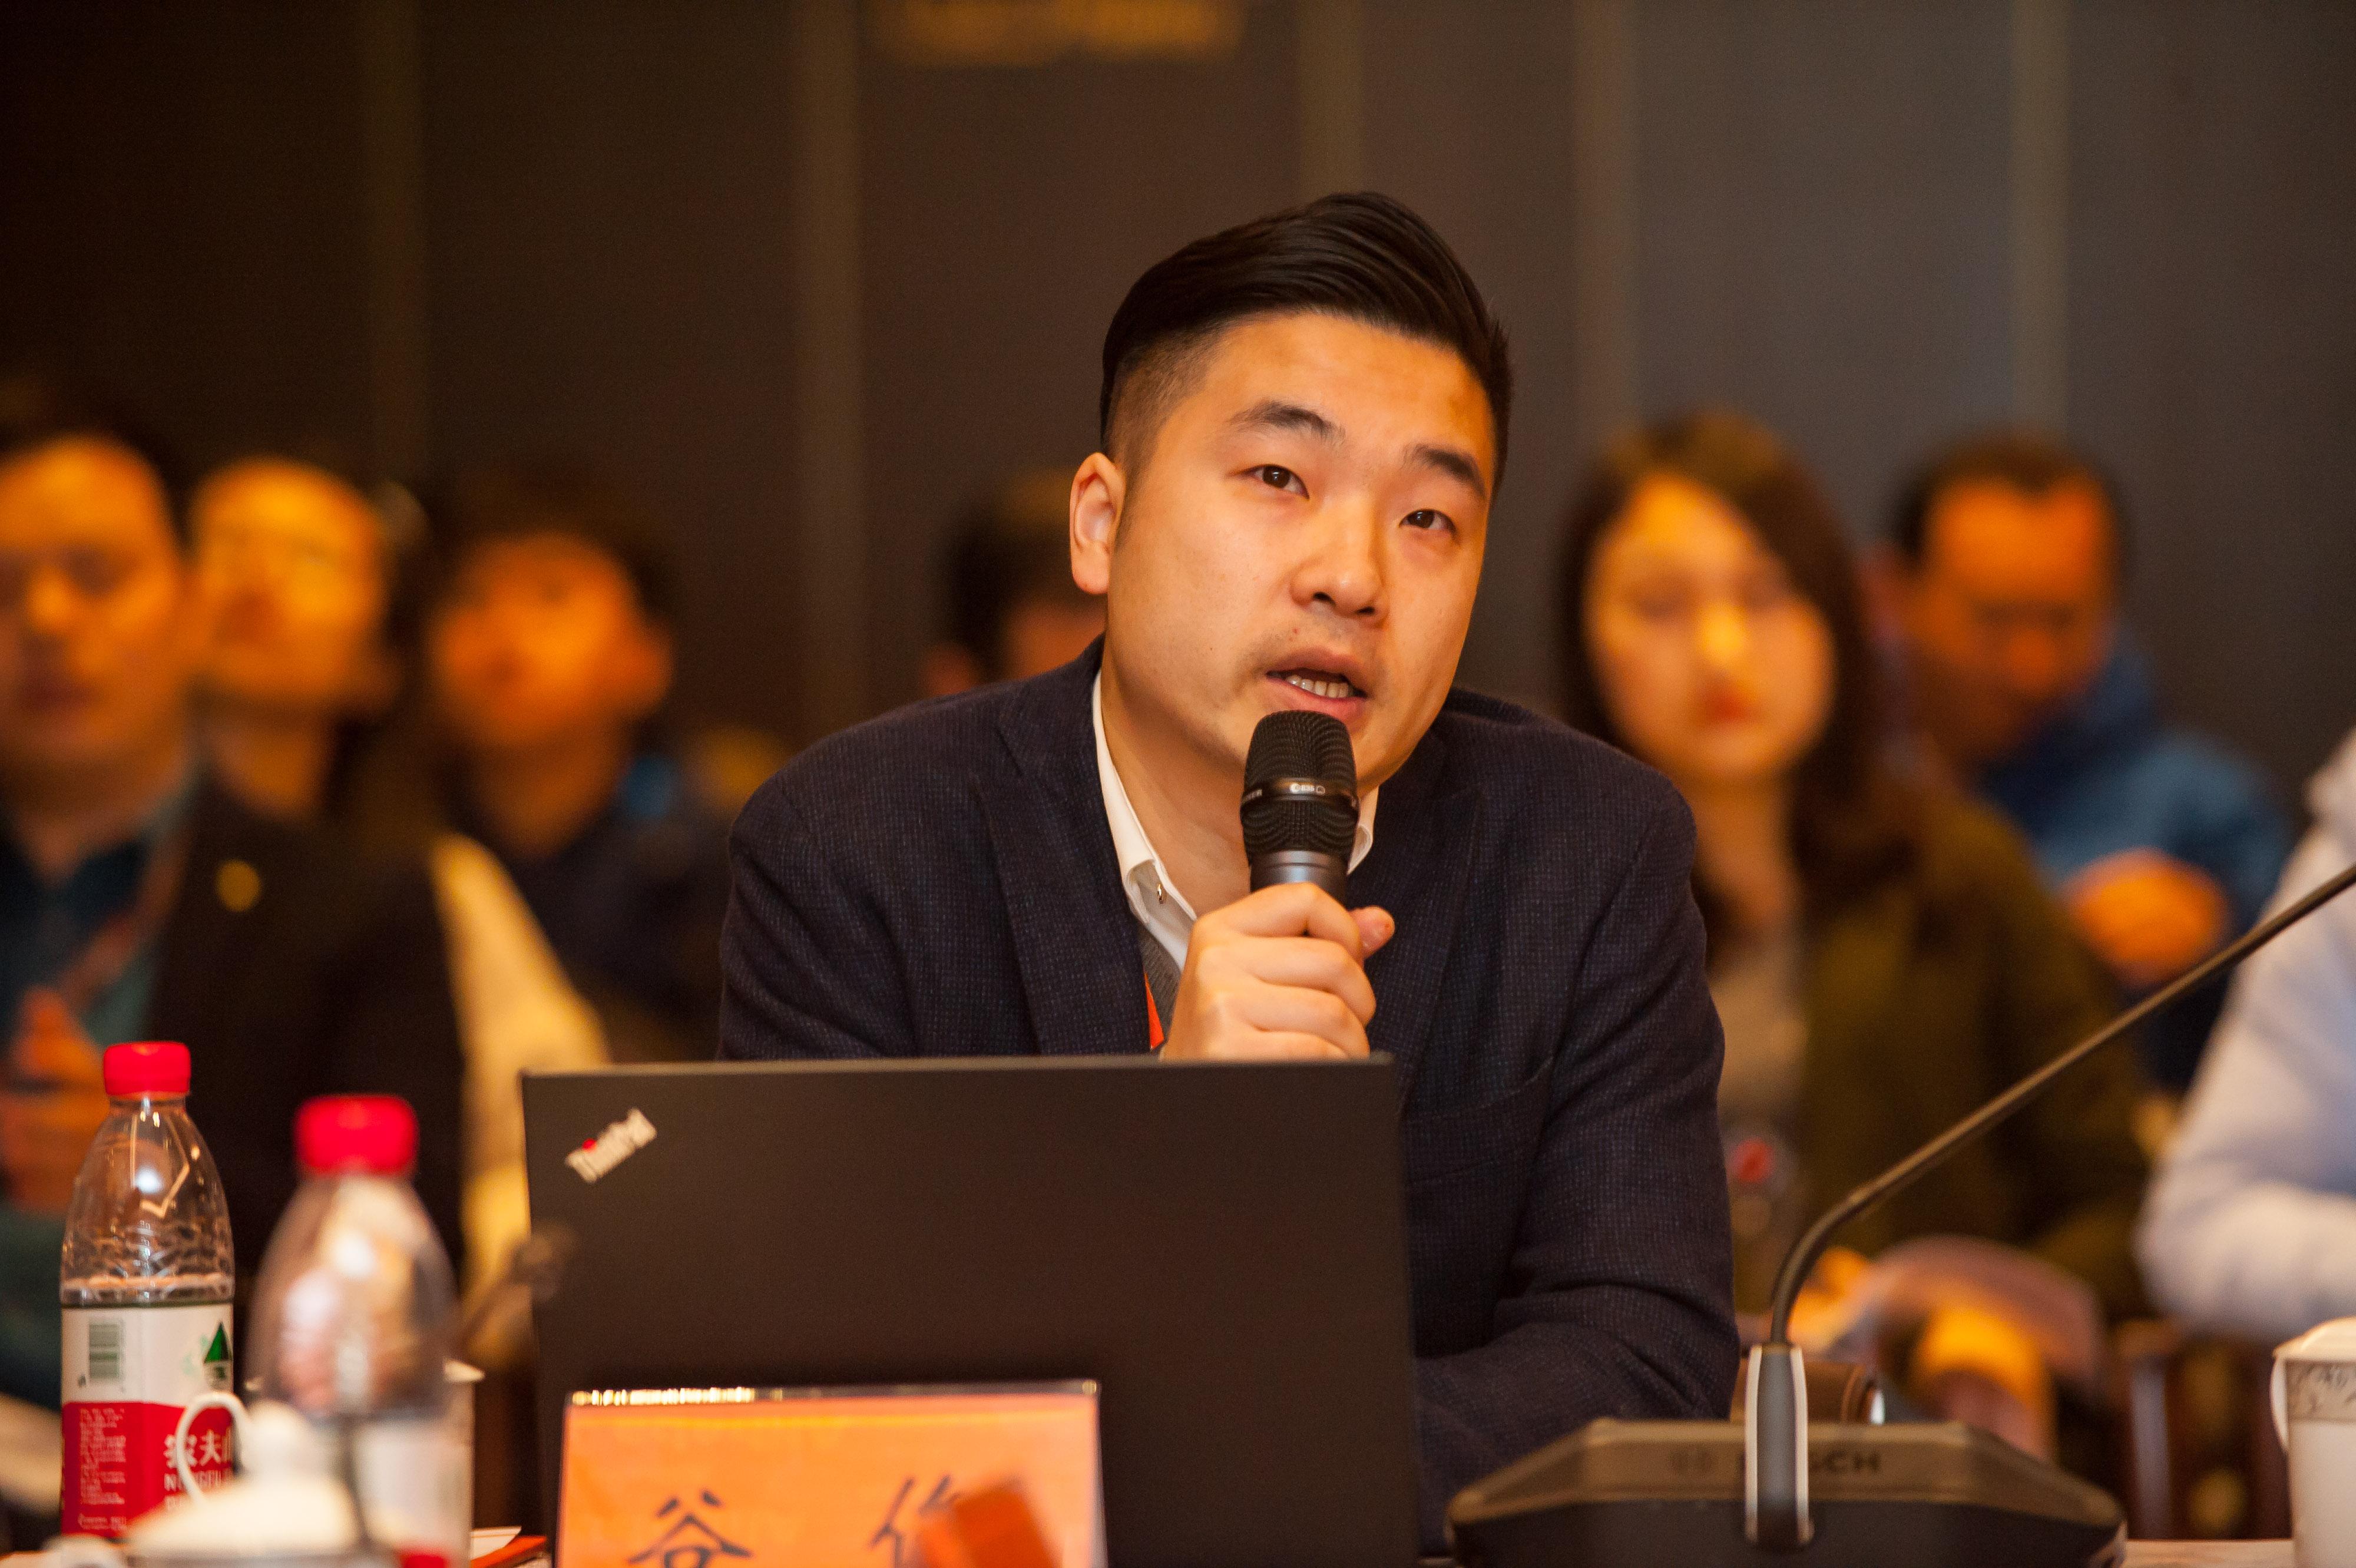 图说:阿里巴巴集团平台治理部资深经理谷俊